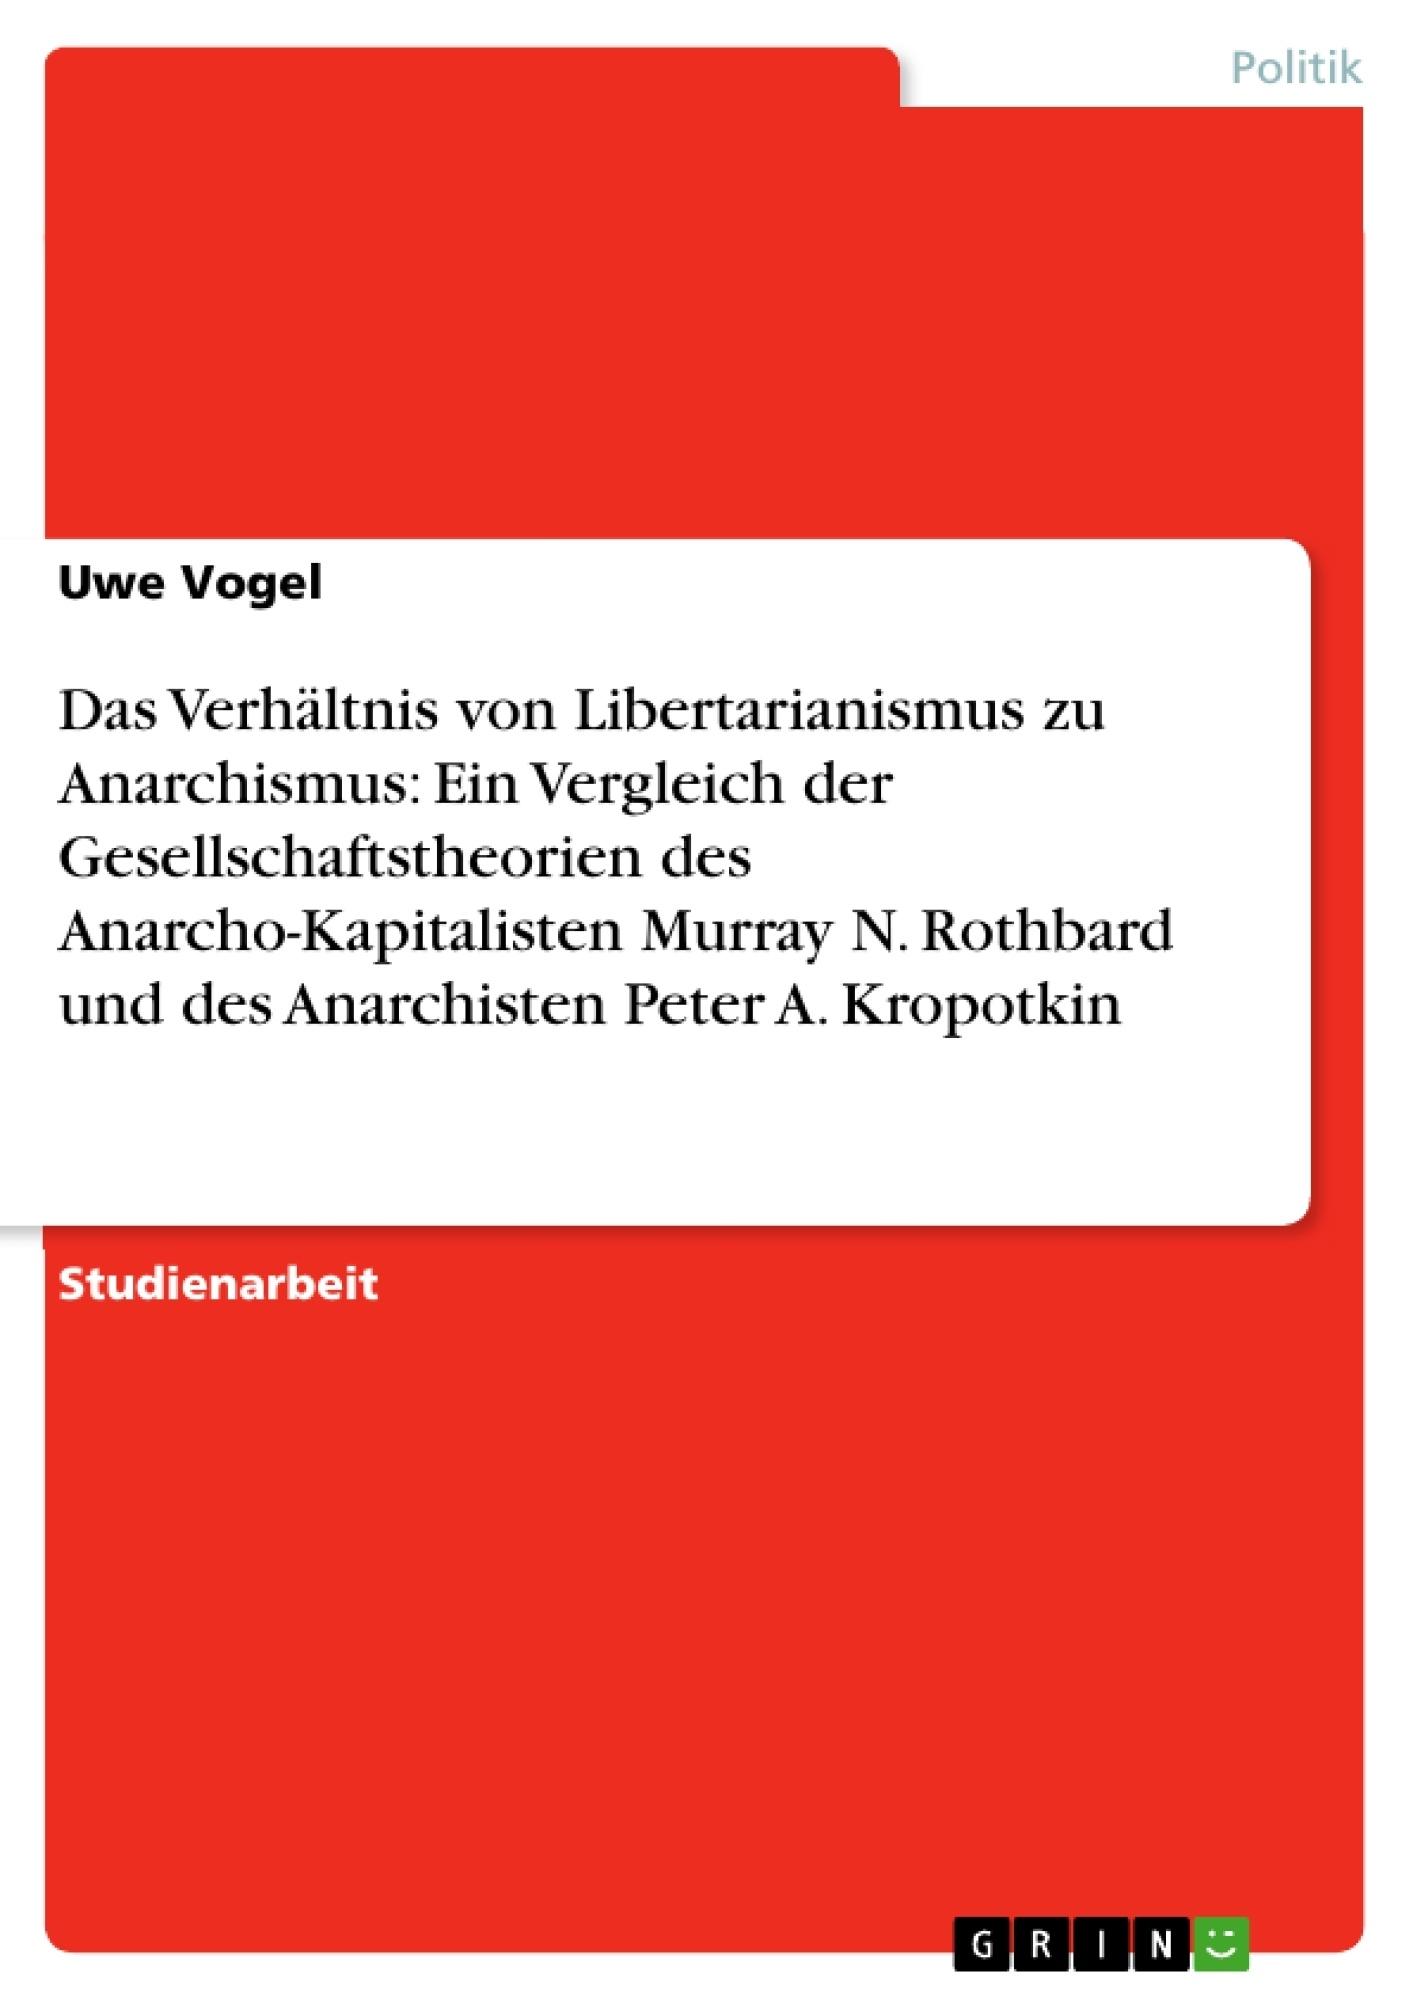 Titel: Das Verhältnis von Libertarianismus zu Anarchismus: Ein Vergleich der Gesellschaftstheorien des Anarcho-Kapitalisten Murray N. Rothbard und des Anarchisten Peter A. Kropotkin